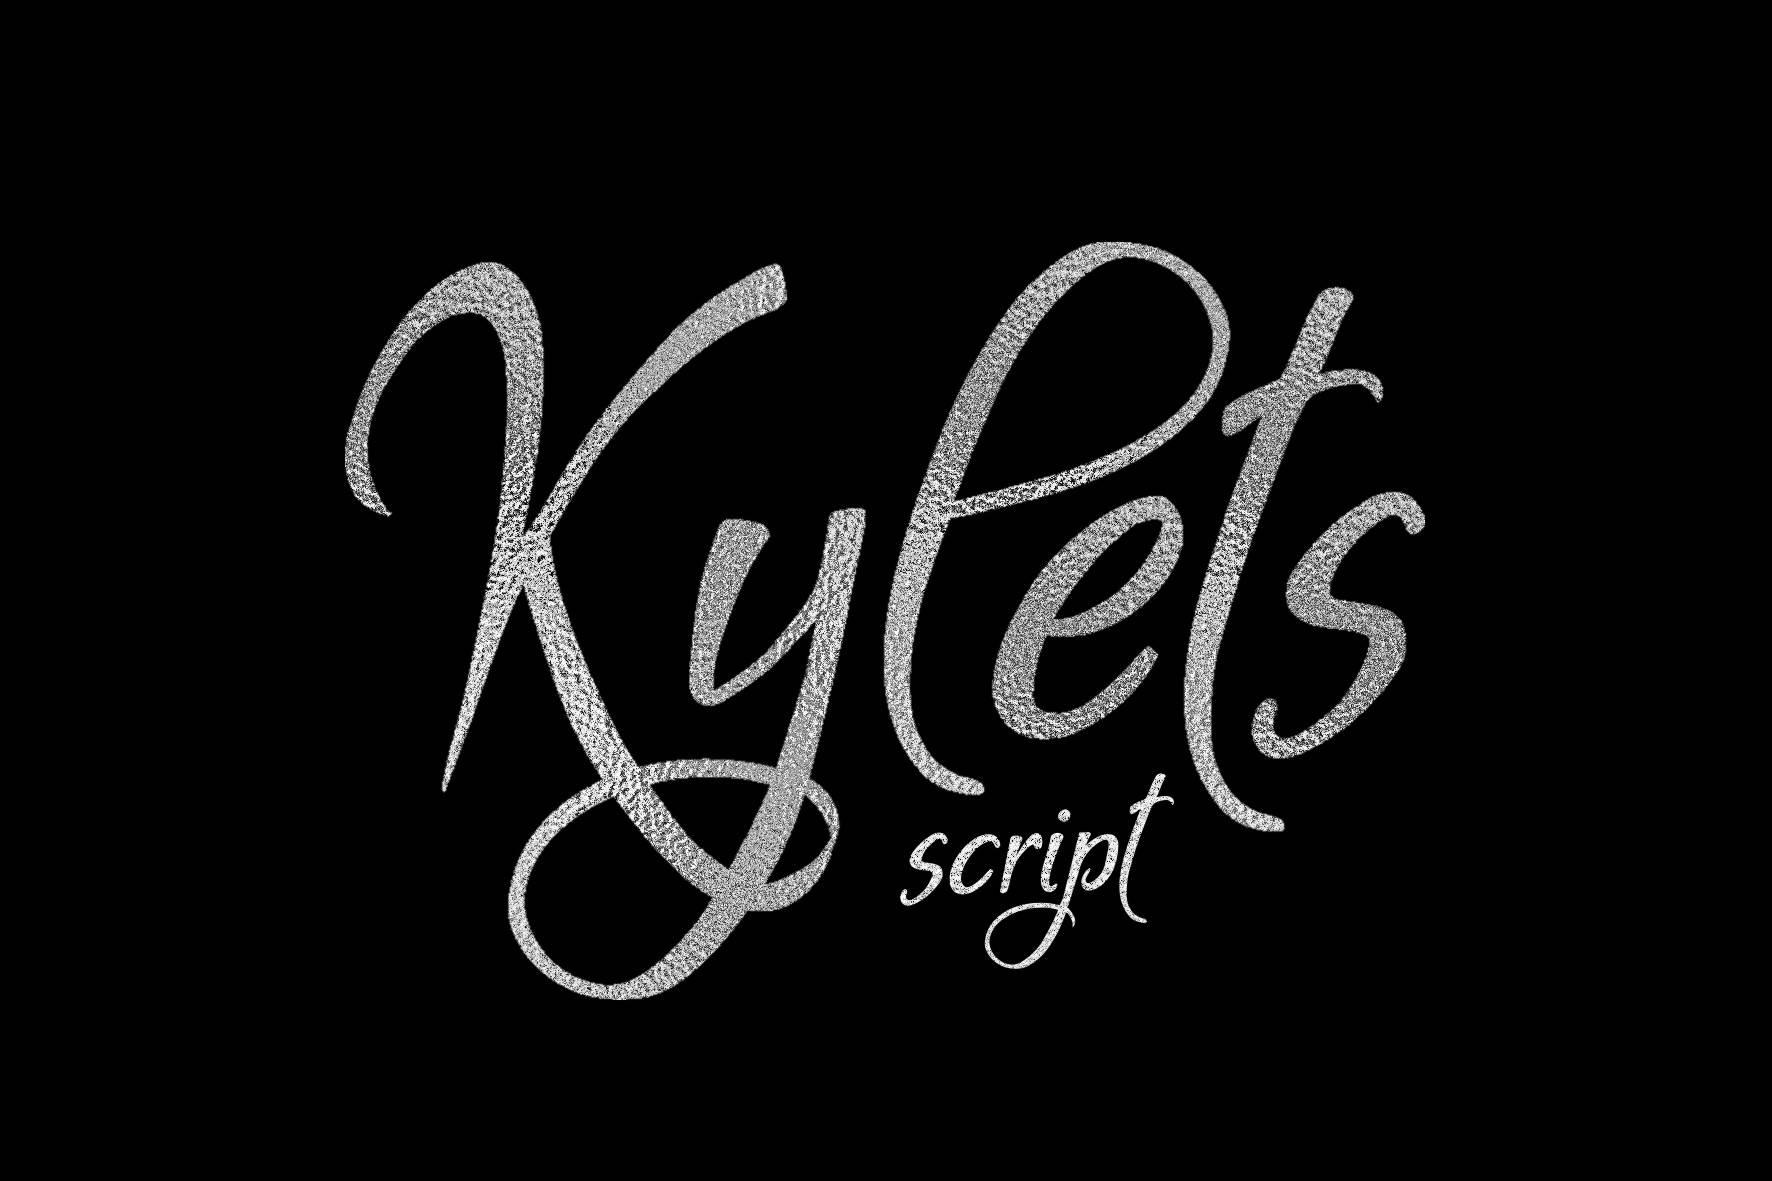 kylets-script-font-1